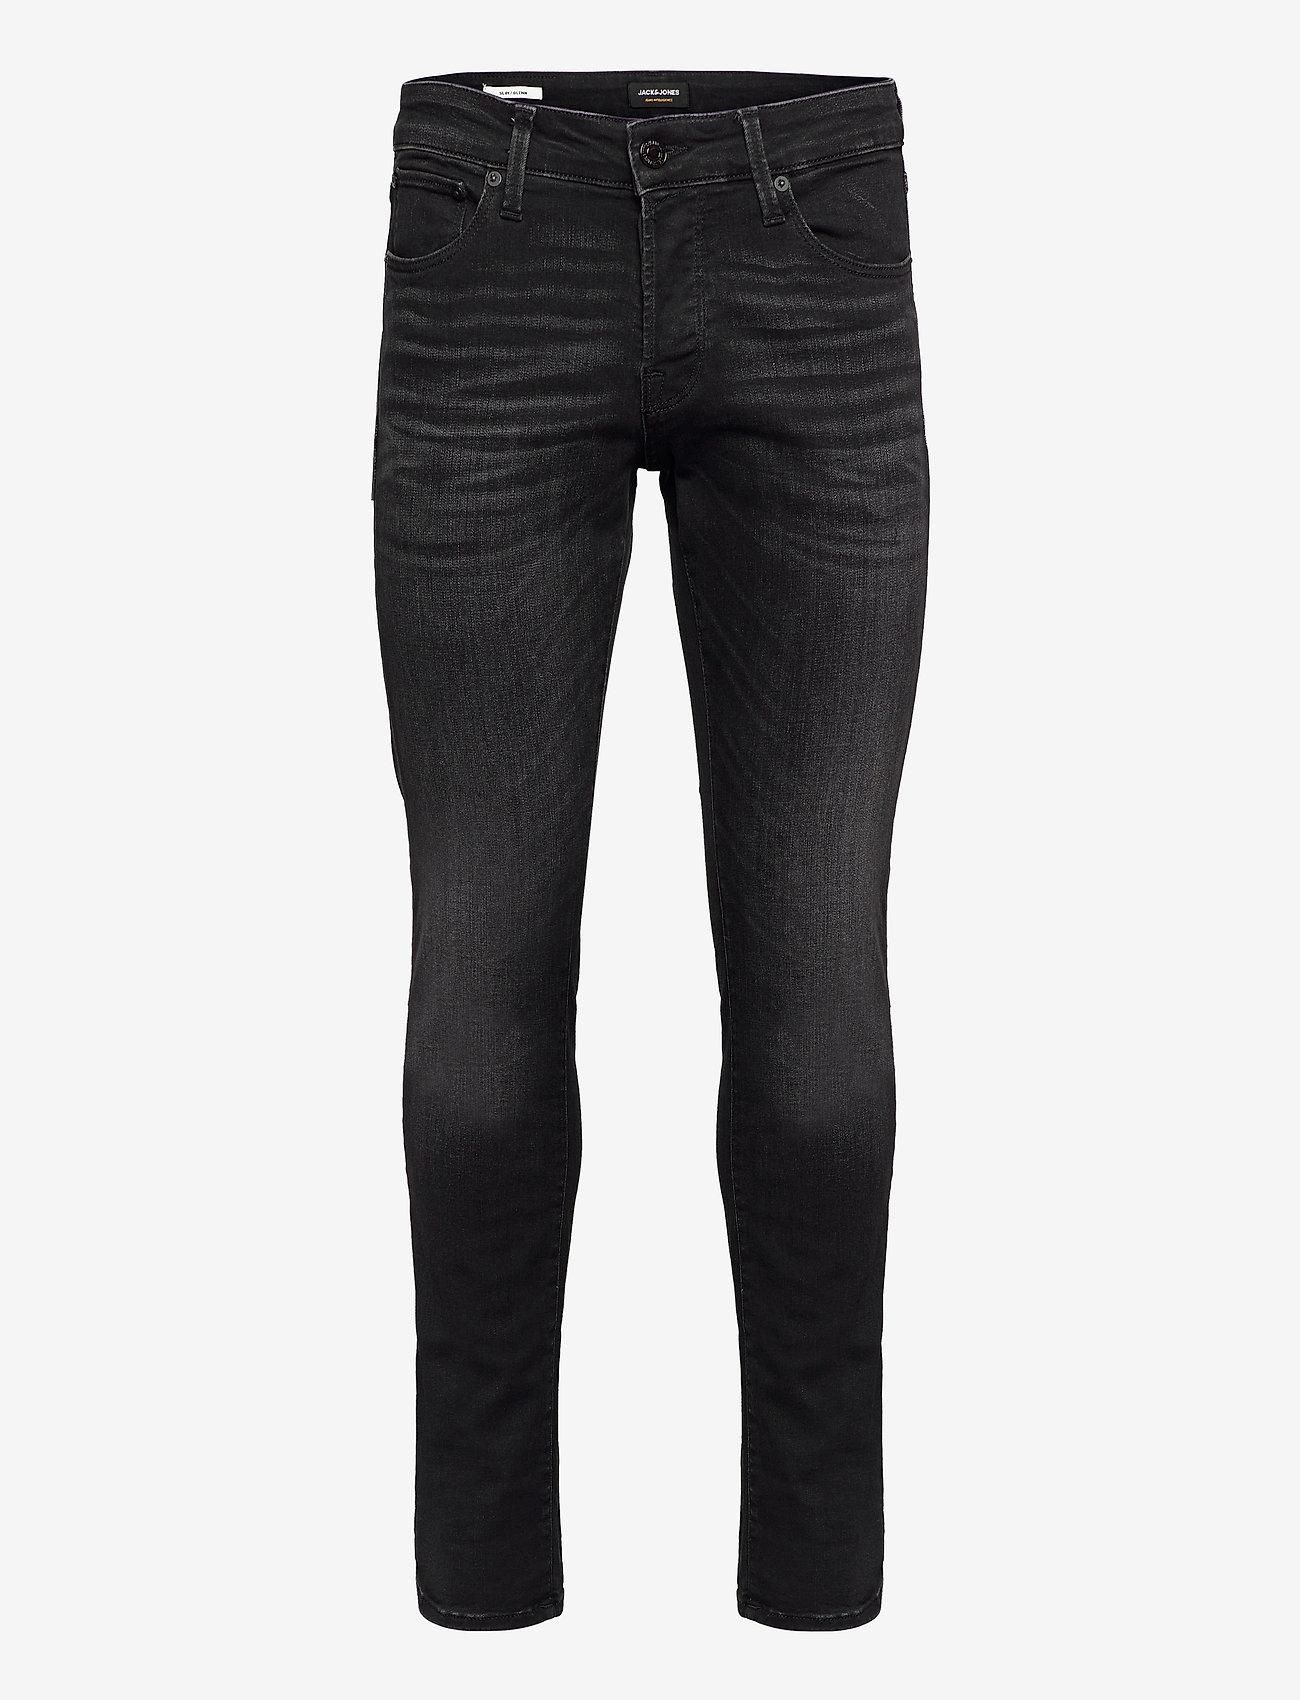 Jack & Jones - JJIGLENN JJICON JJ 557 50SPS NOOS - slim jeans - black denim - 0